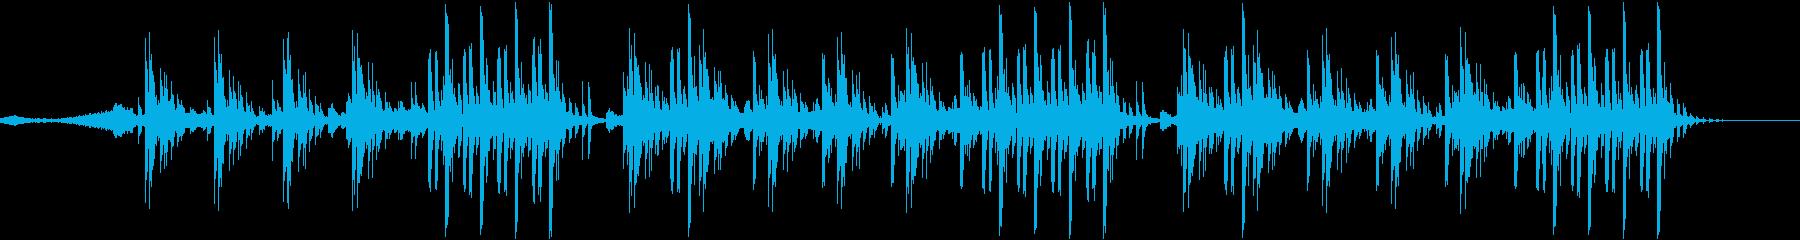 密林をイメージした怪しいBGMの再生済みの波形